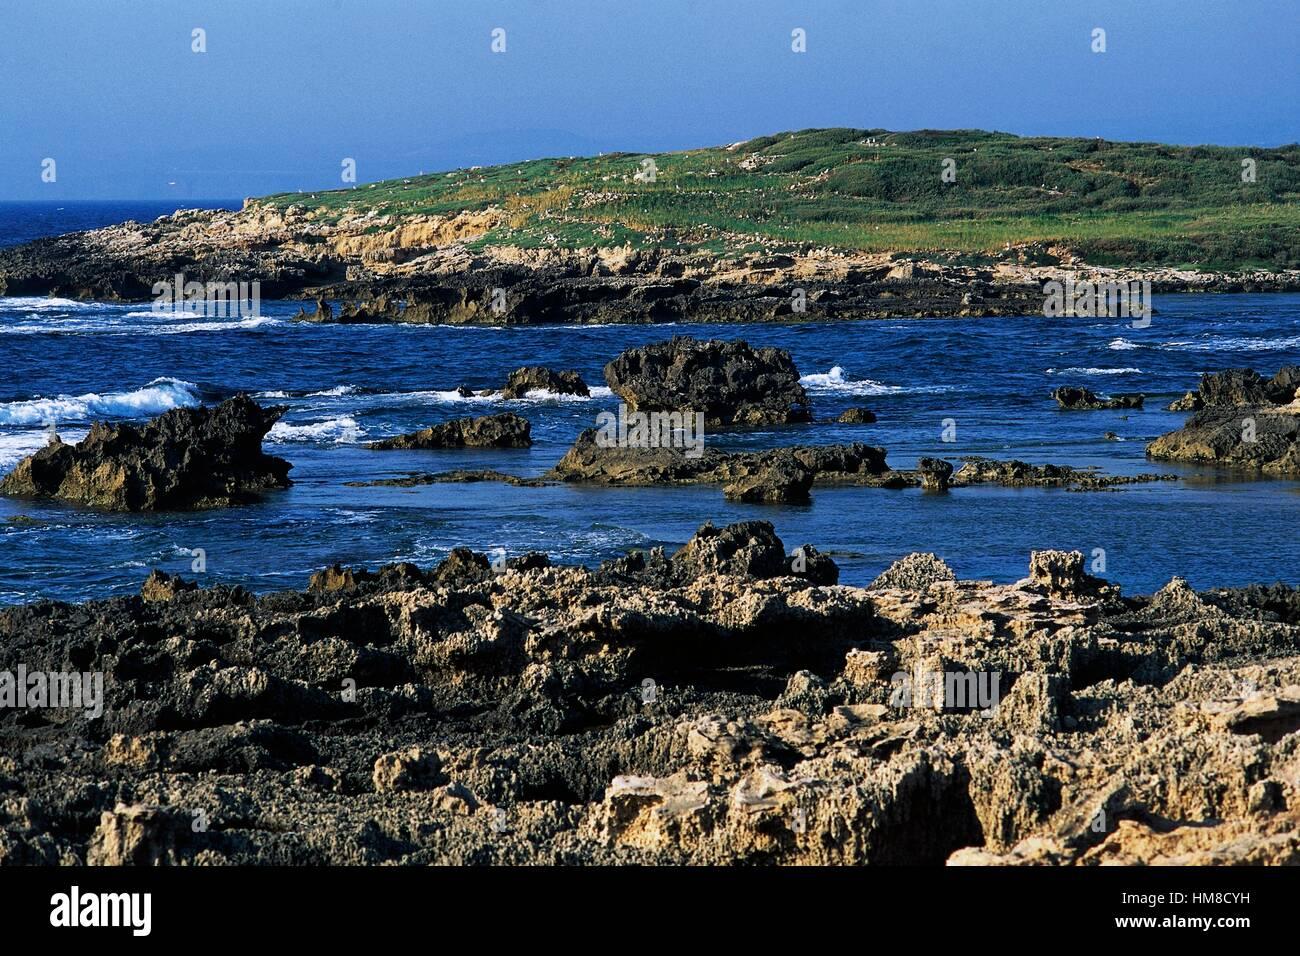 Isolotto Peloso or de Sa Tonnara, islet near Cape Mannu, Sinis Peninsula, Sardinia, Italy. - Stock Image